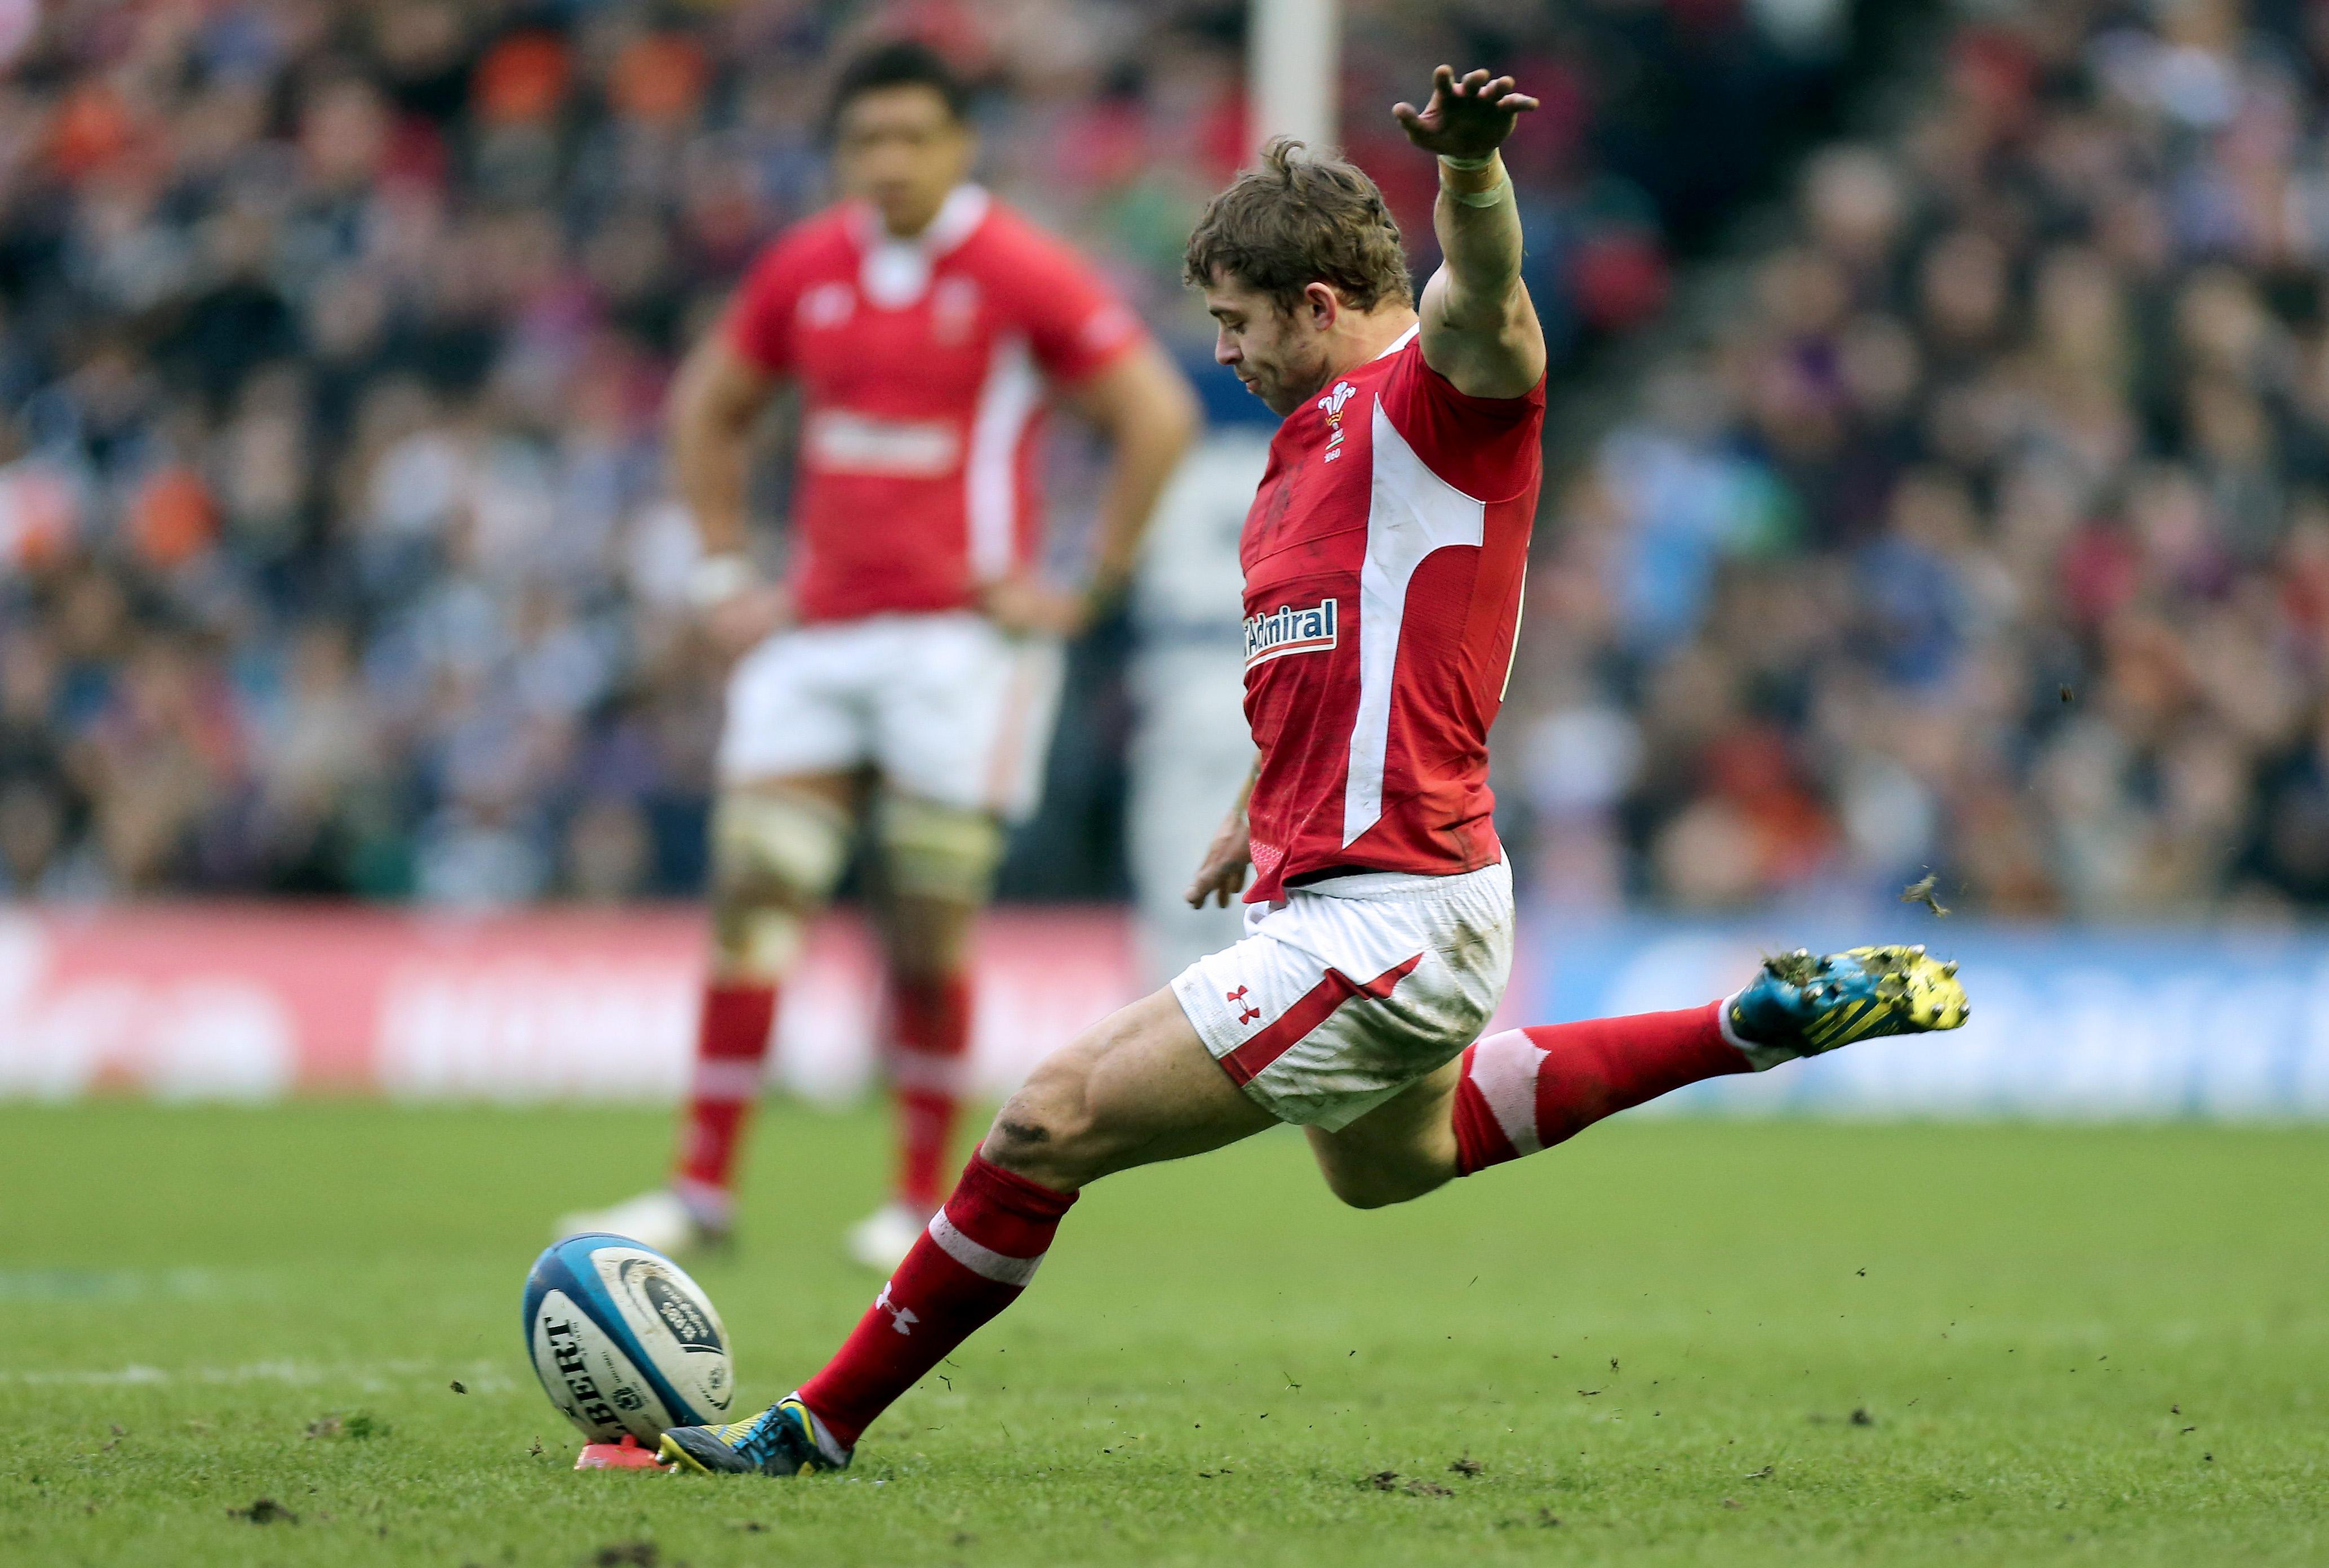 Leigh Halfpenny kicks a penalty 9/3/2013